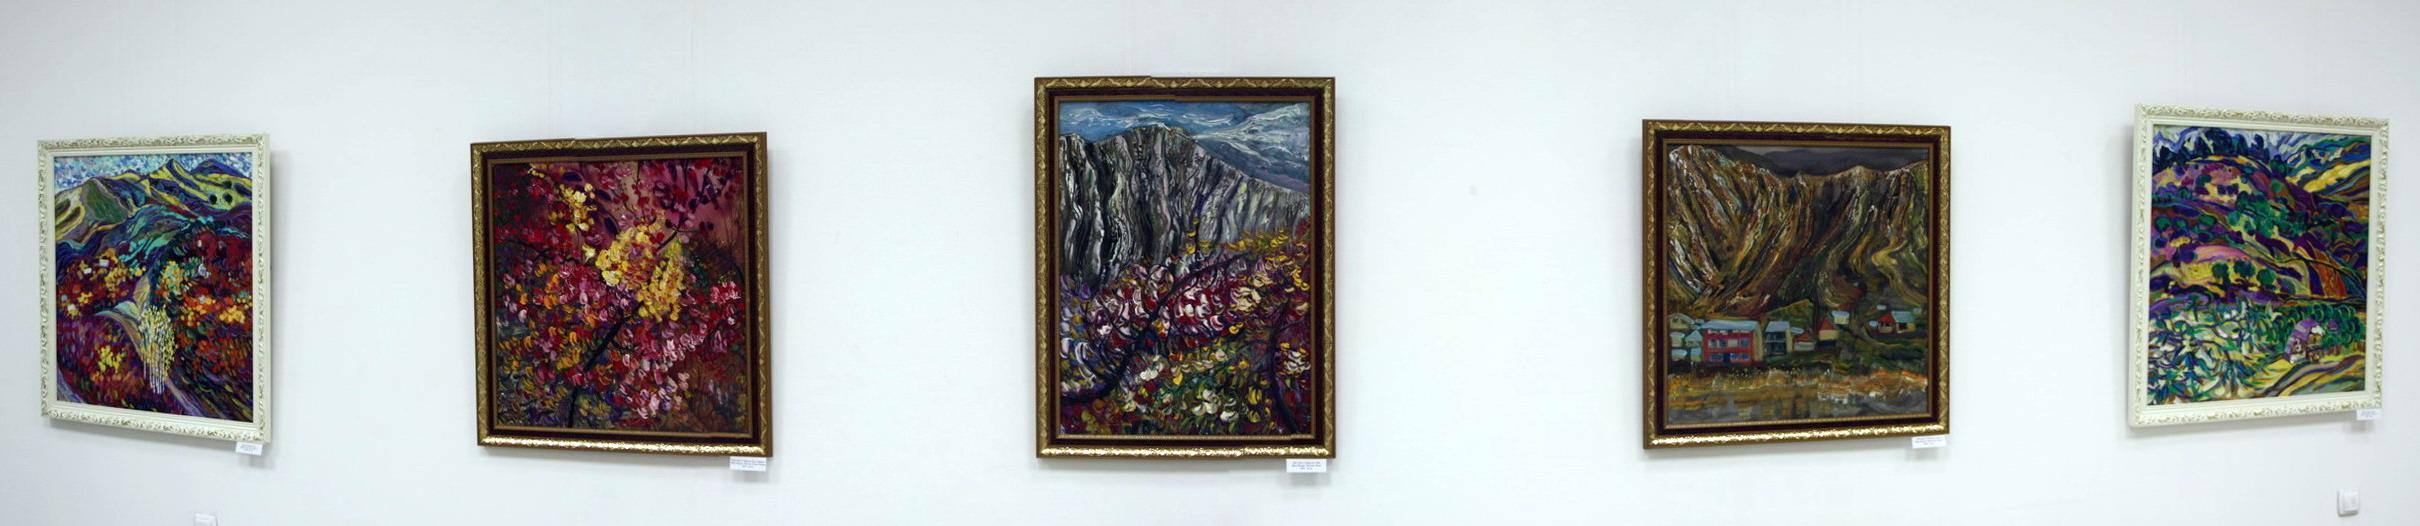 Шин Искра. Экспозиция картин